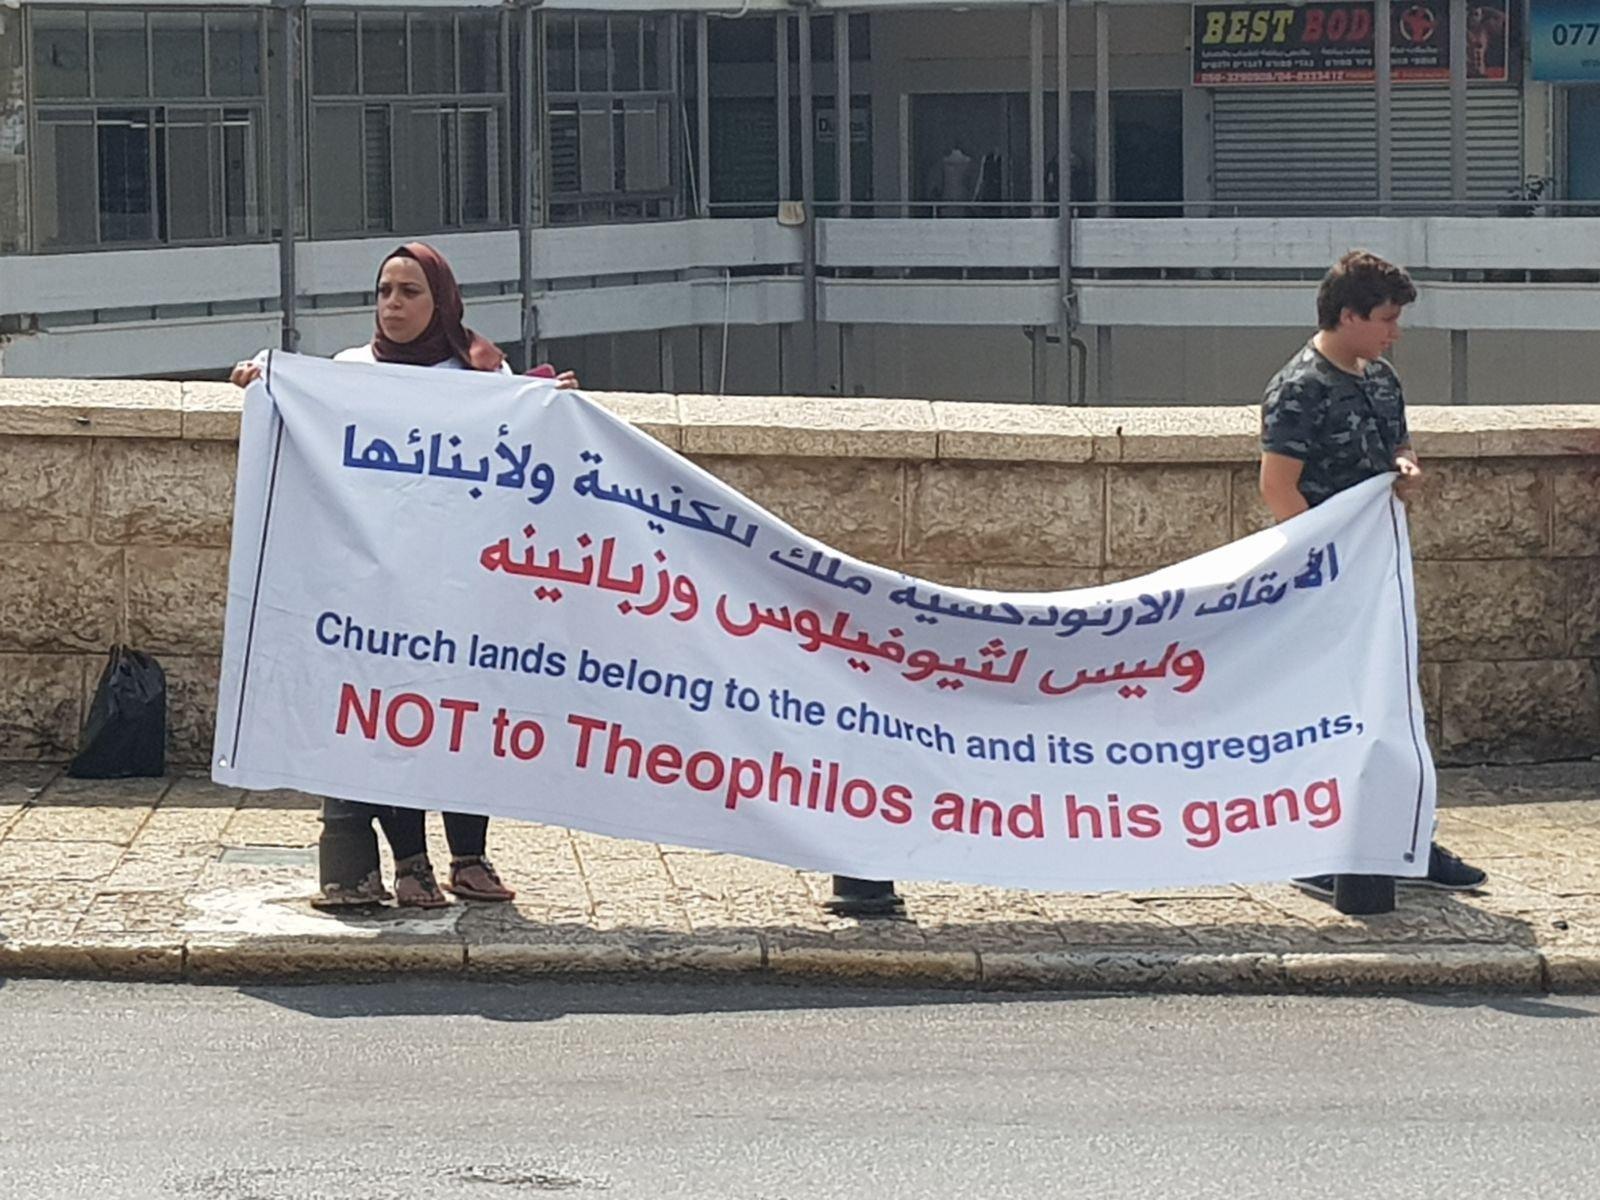 الناصرة: تظاهرة ضد بيع املاك الكنيسة الارثوذكسية